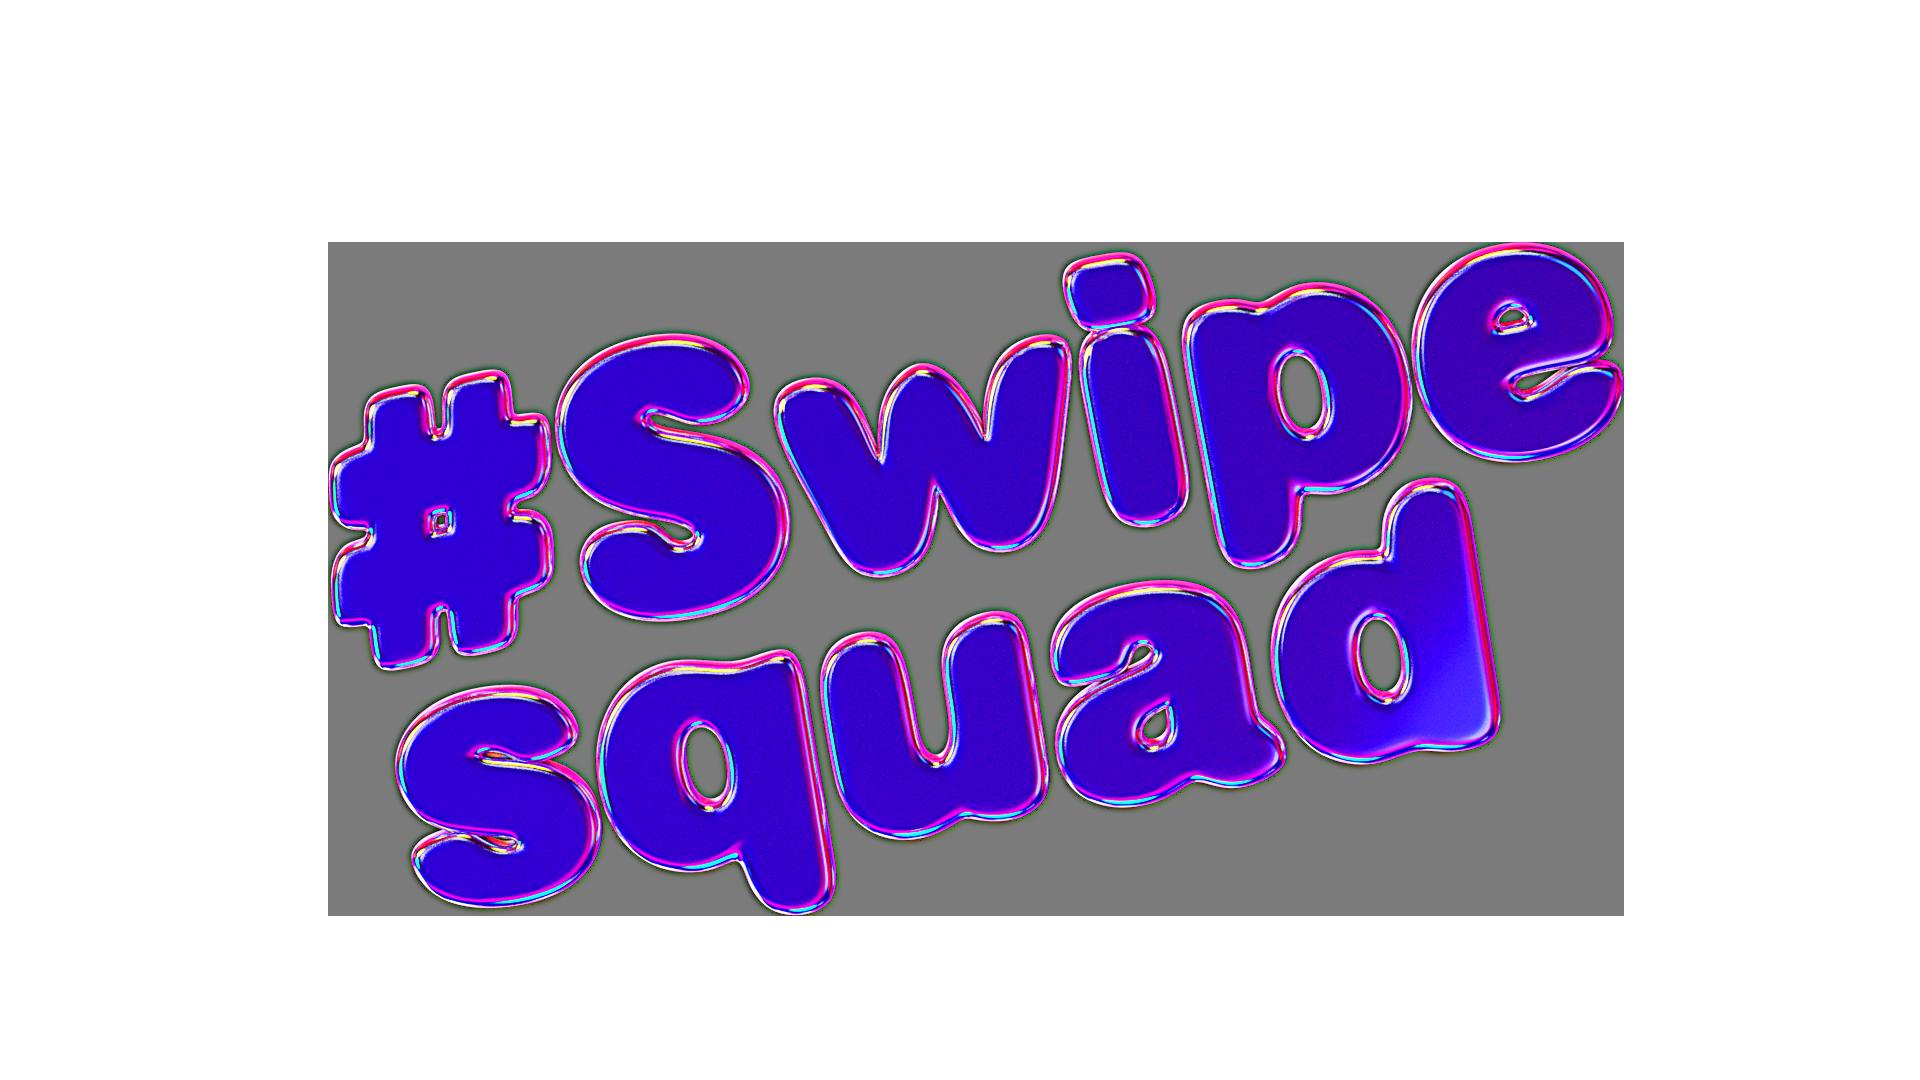 swipesquad1